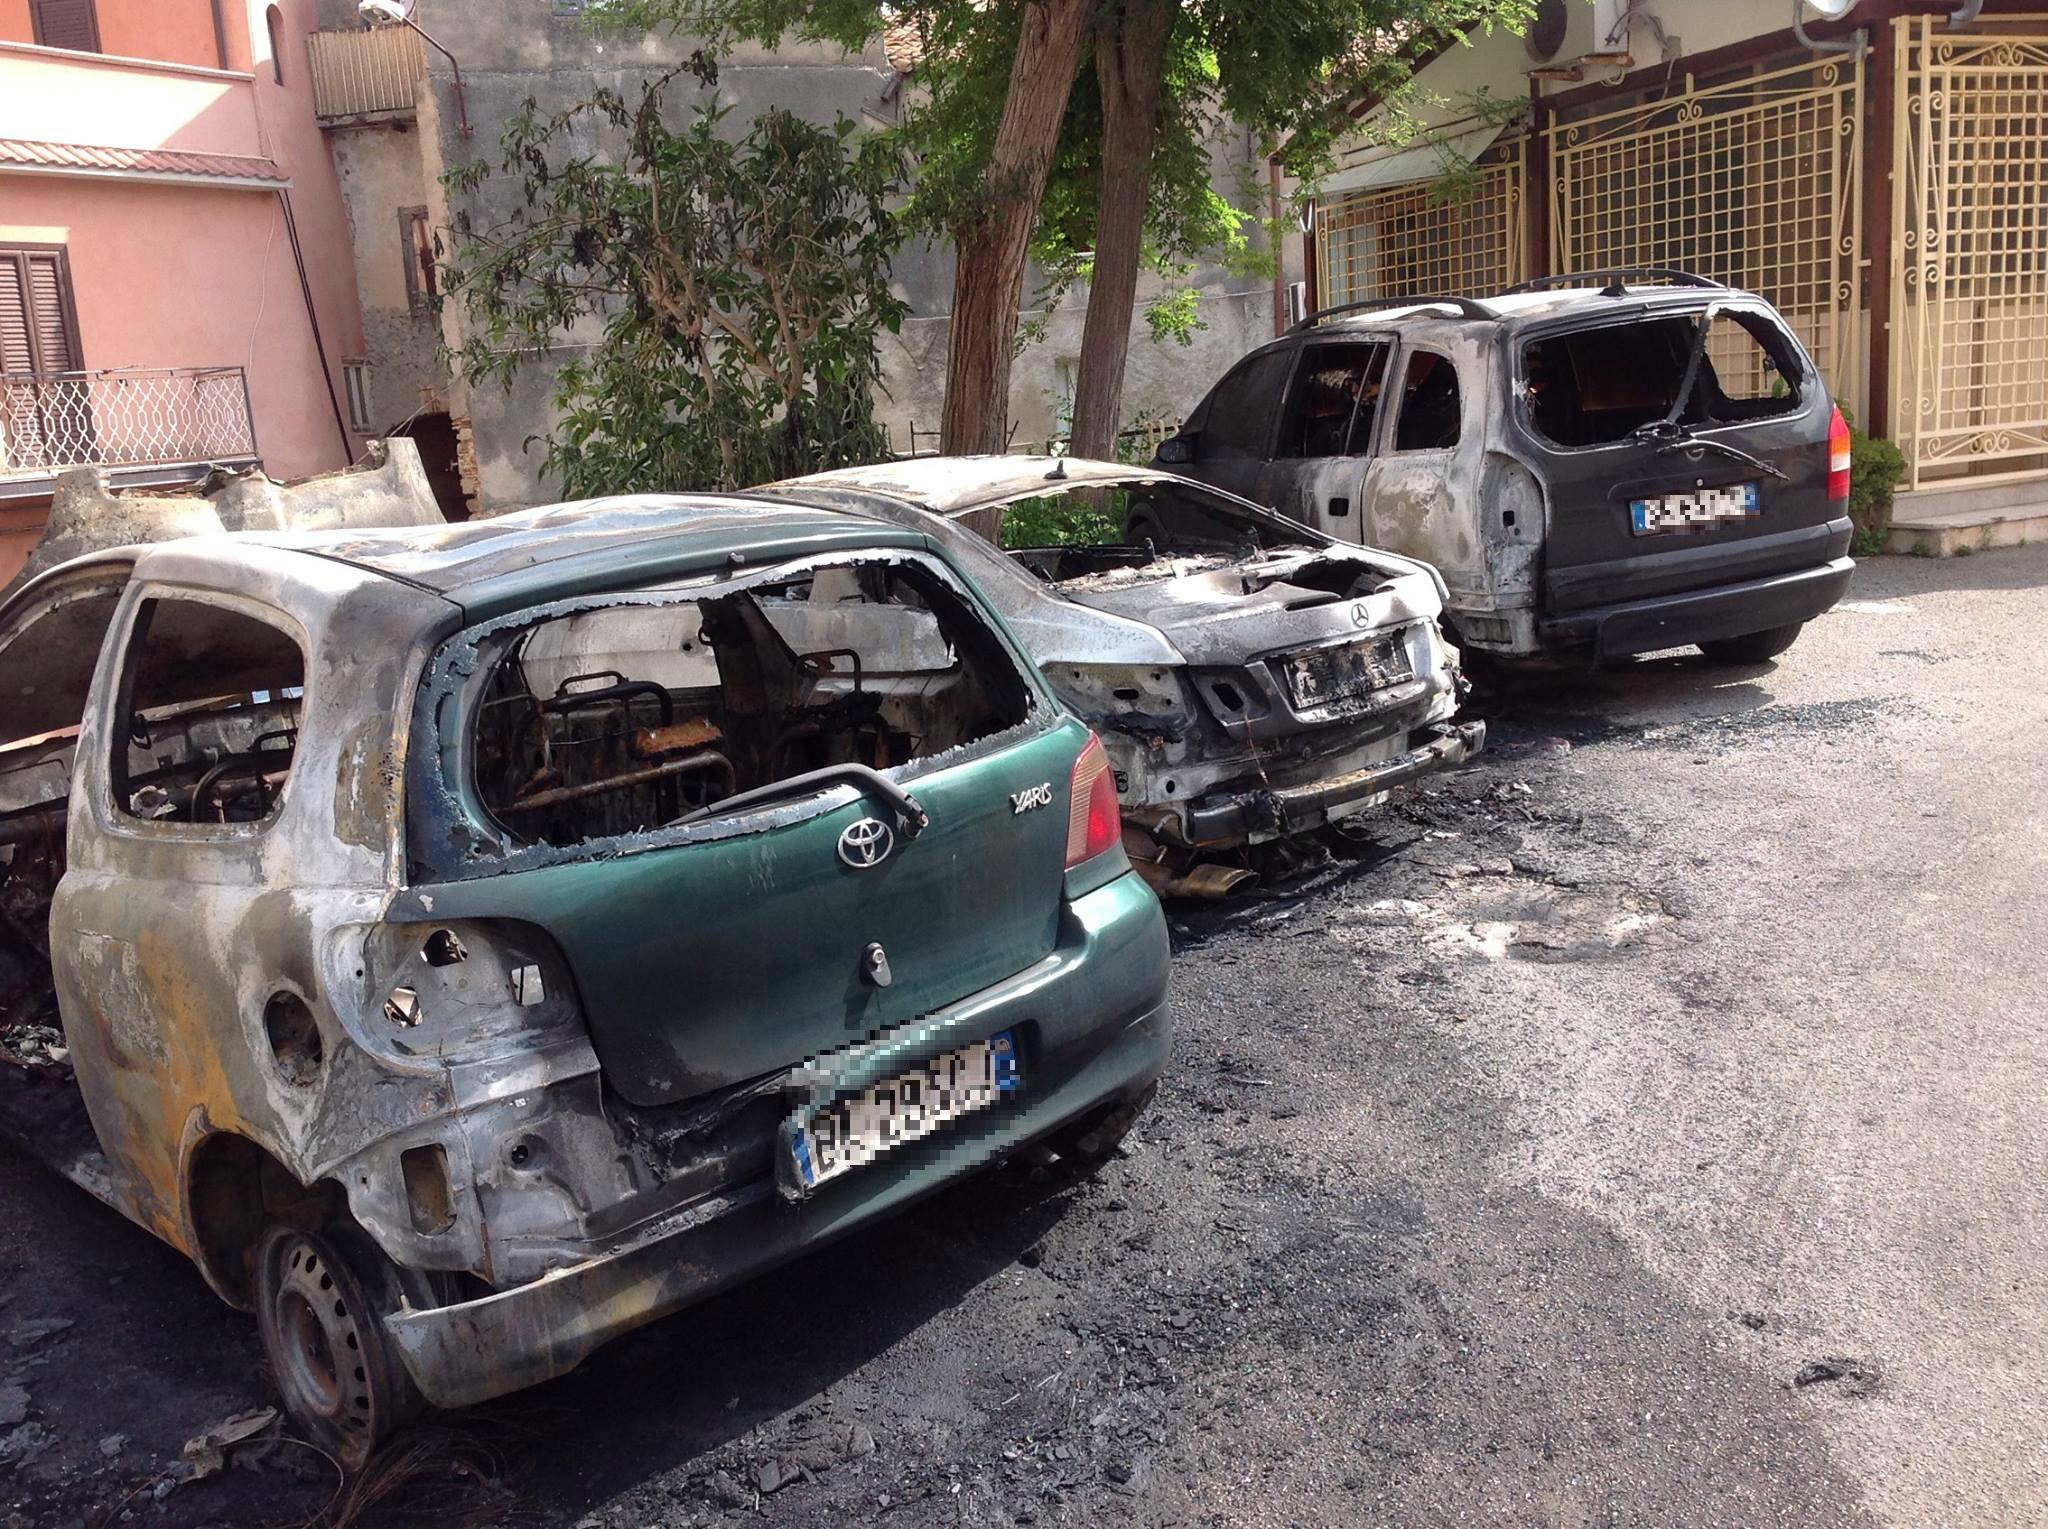 Notte di fuoco a Tropea, ignoti incendianotre autovetture: avviate le indagini